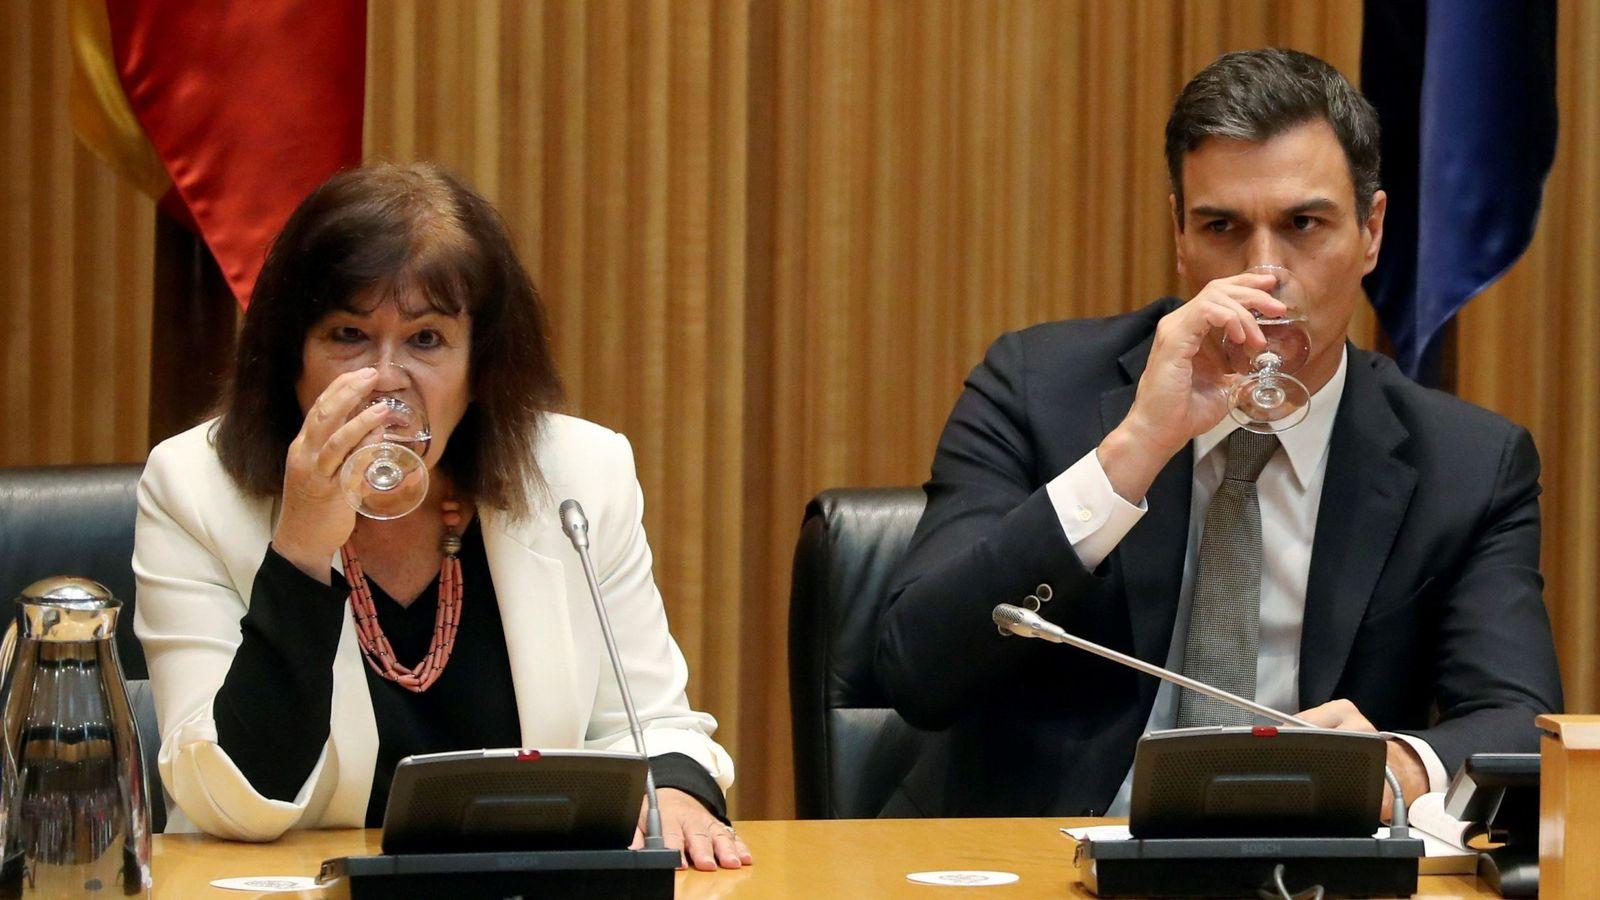 Foto: La presidenta del PSOE, Cristina Narbona, y el presidente del Gobierno, Pedro Sánchez. (EFE)